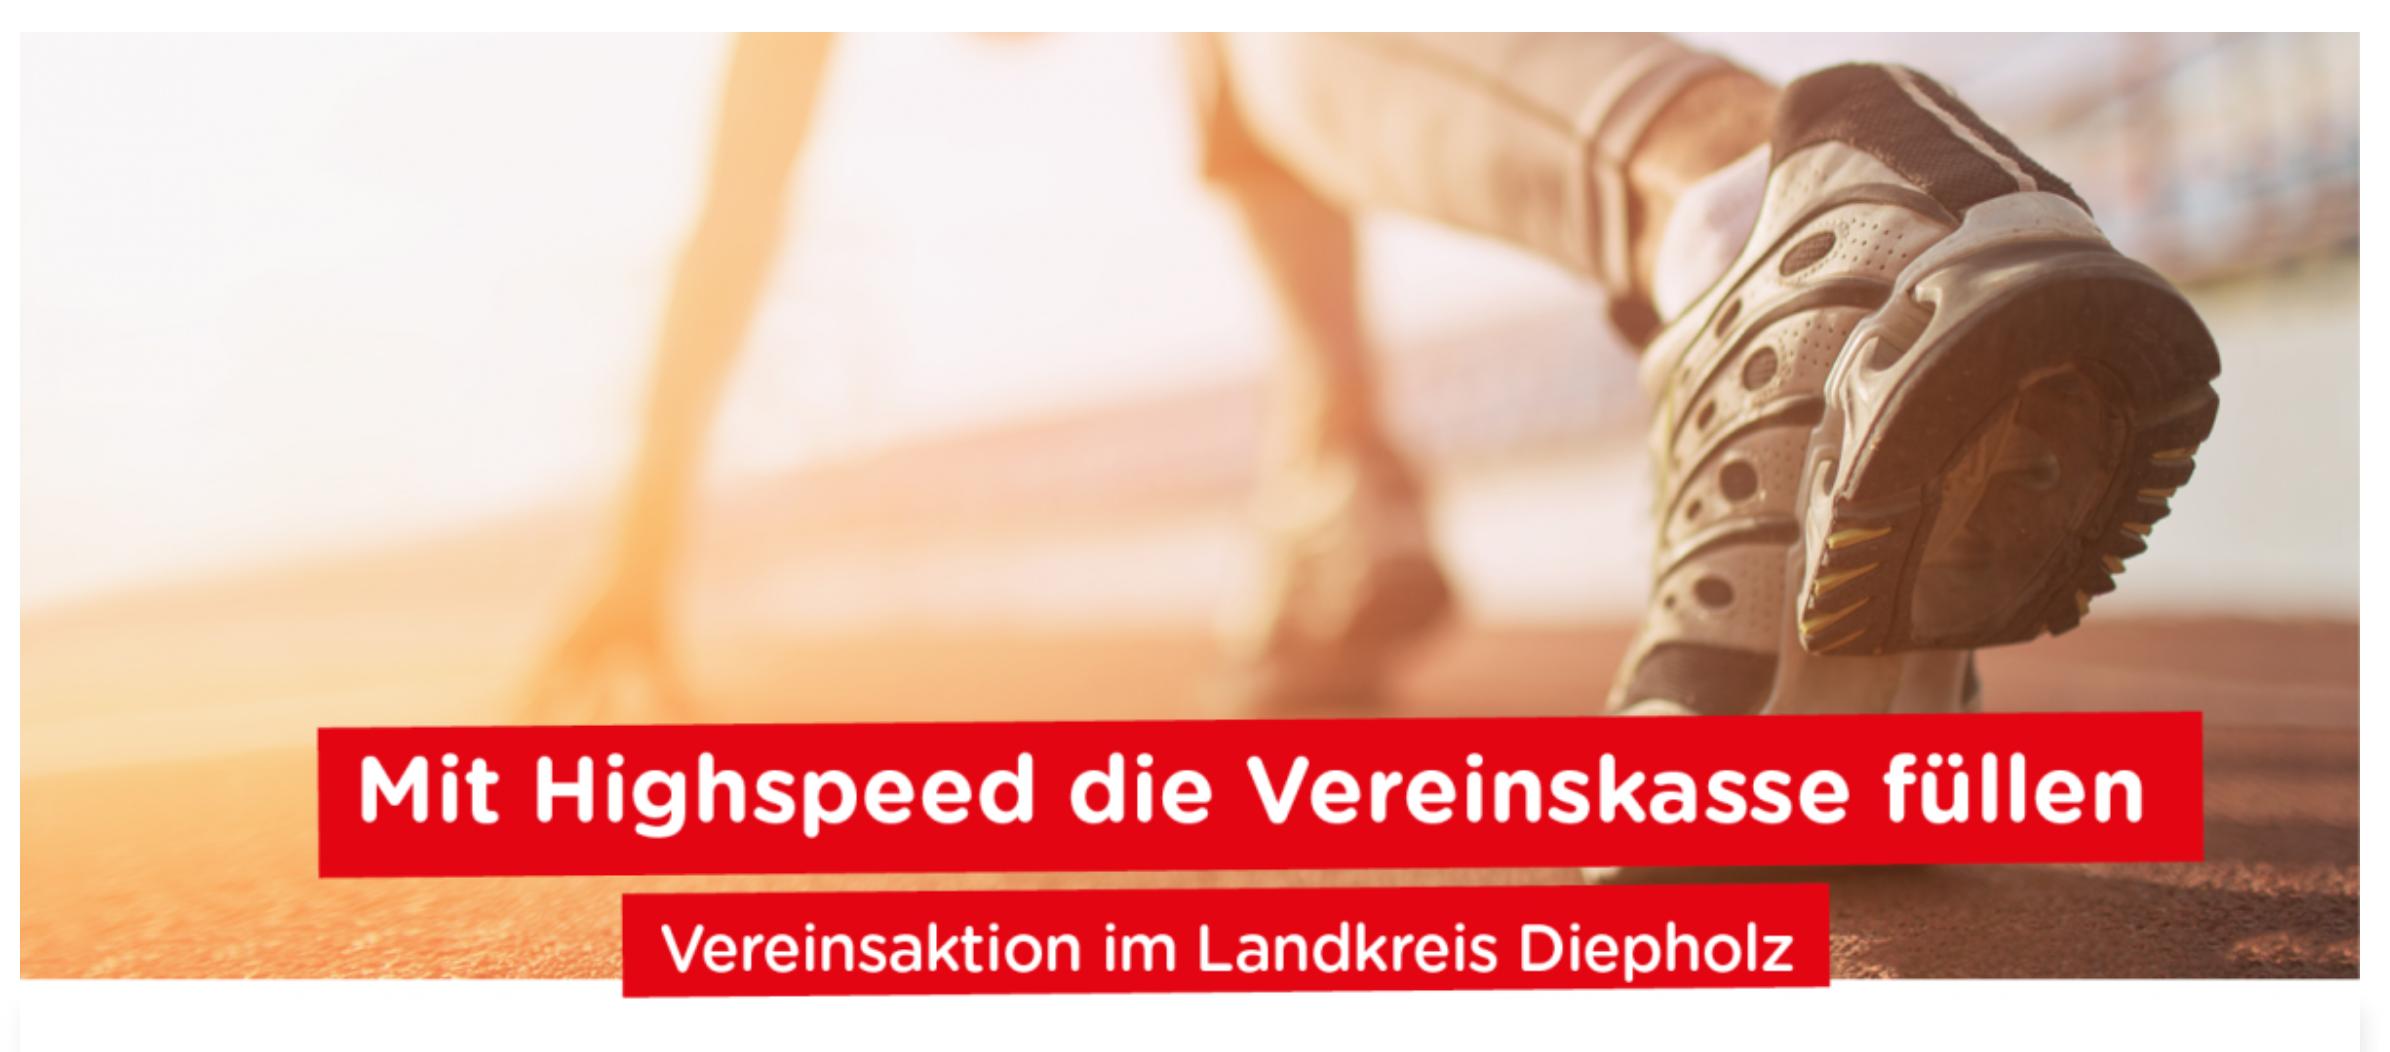 nordischnet | Mit Highspeed die Vereinskasse füllen!